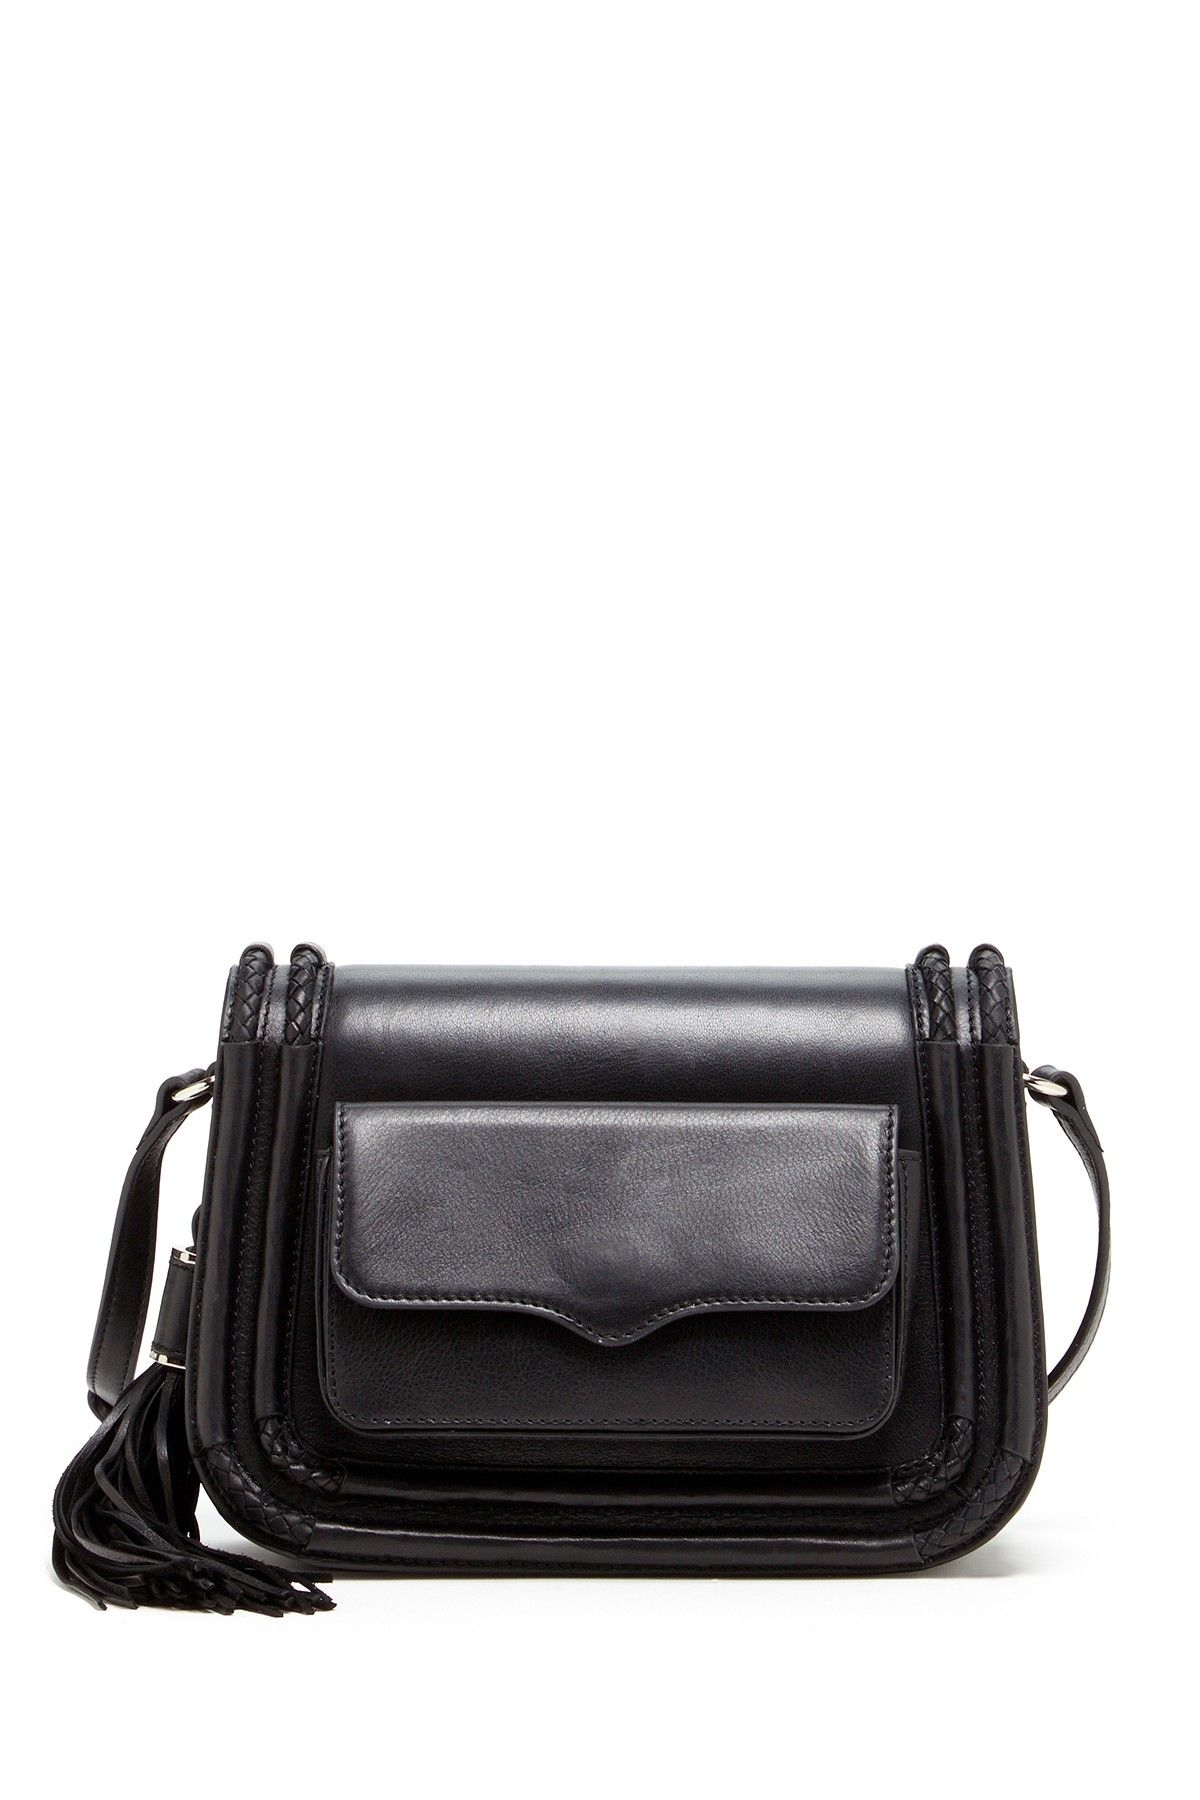 Sunnies Handbag